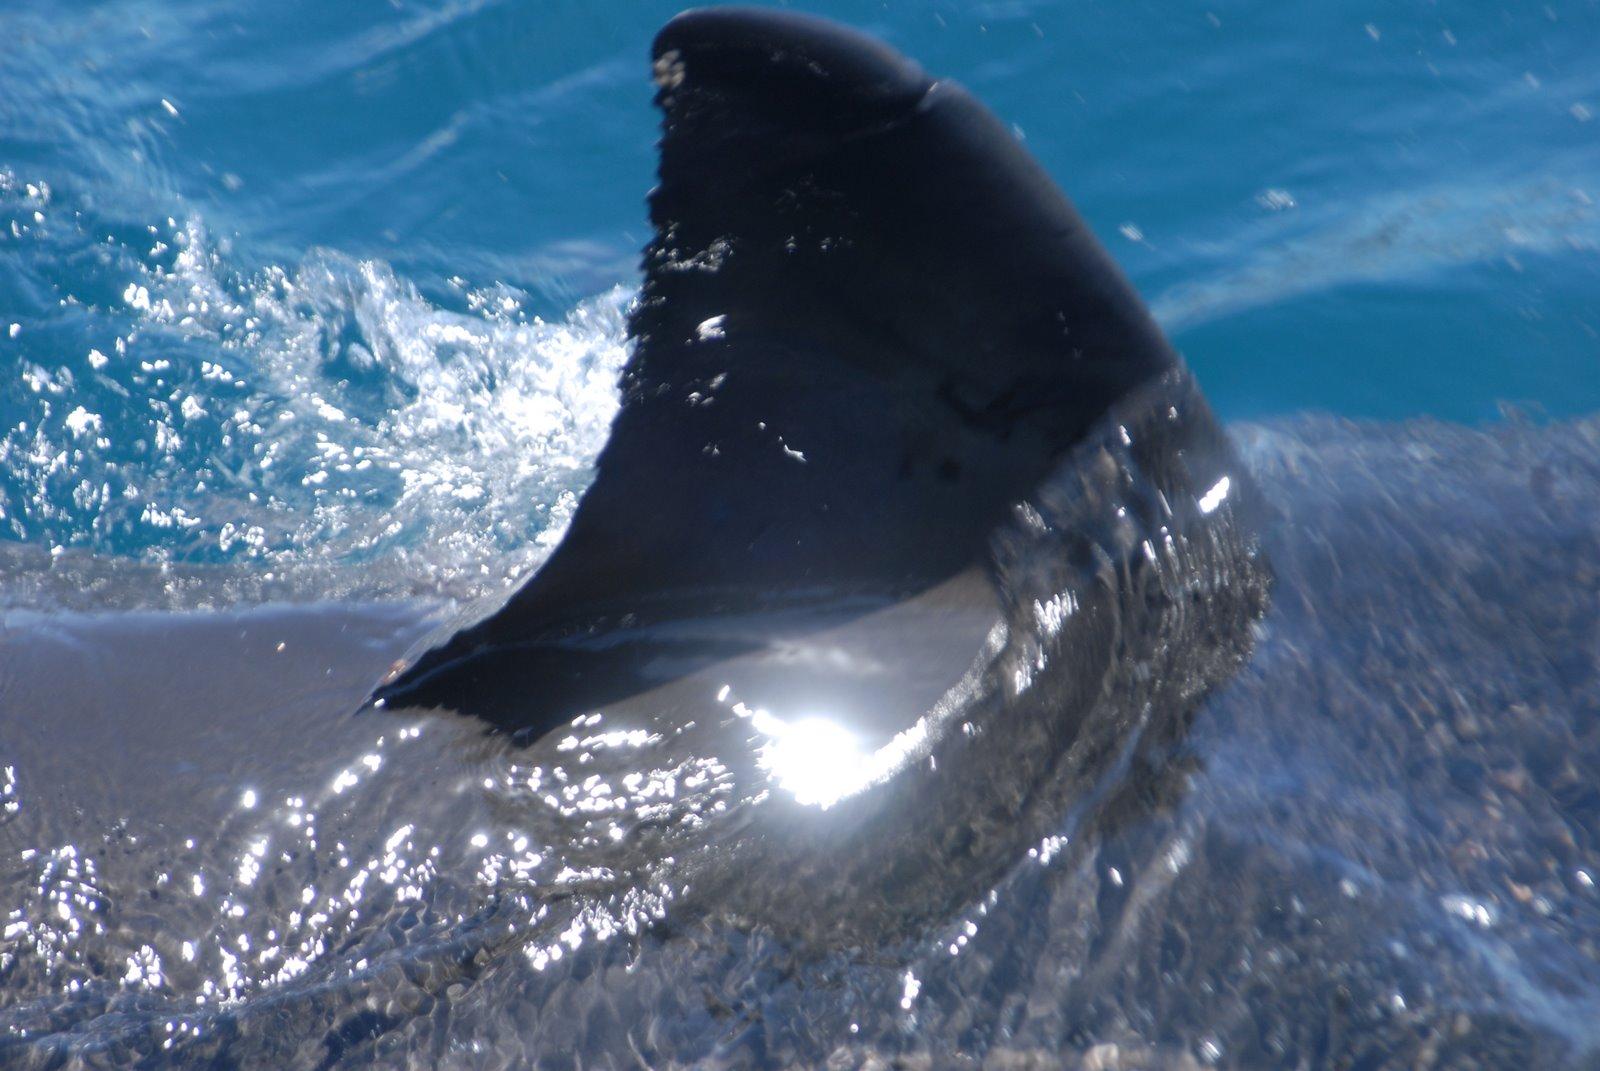 Tiger Shark Attacks